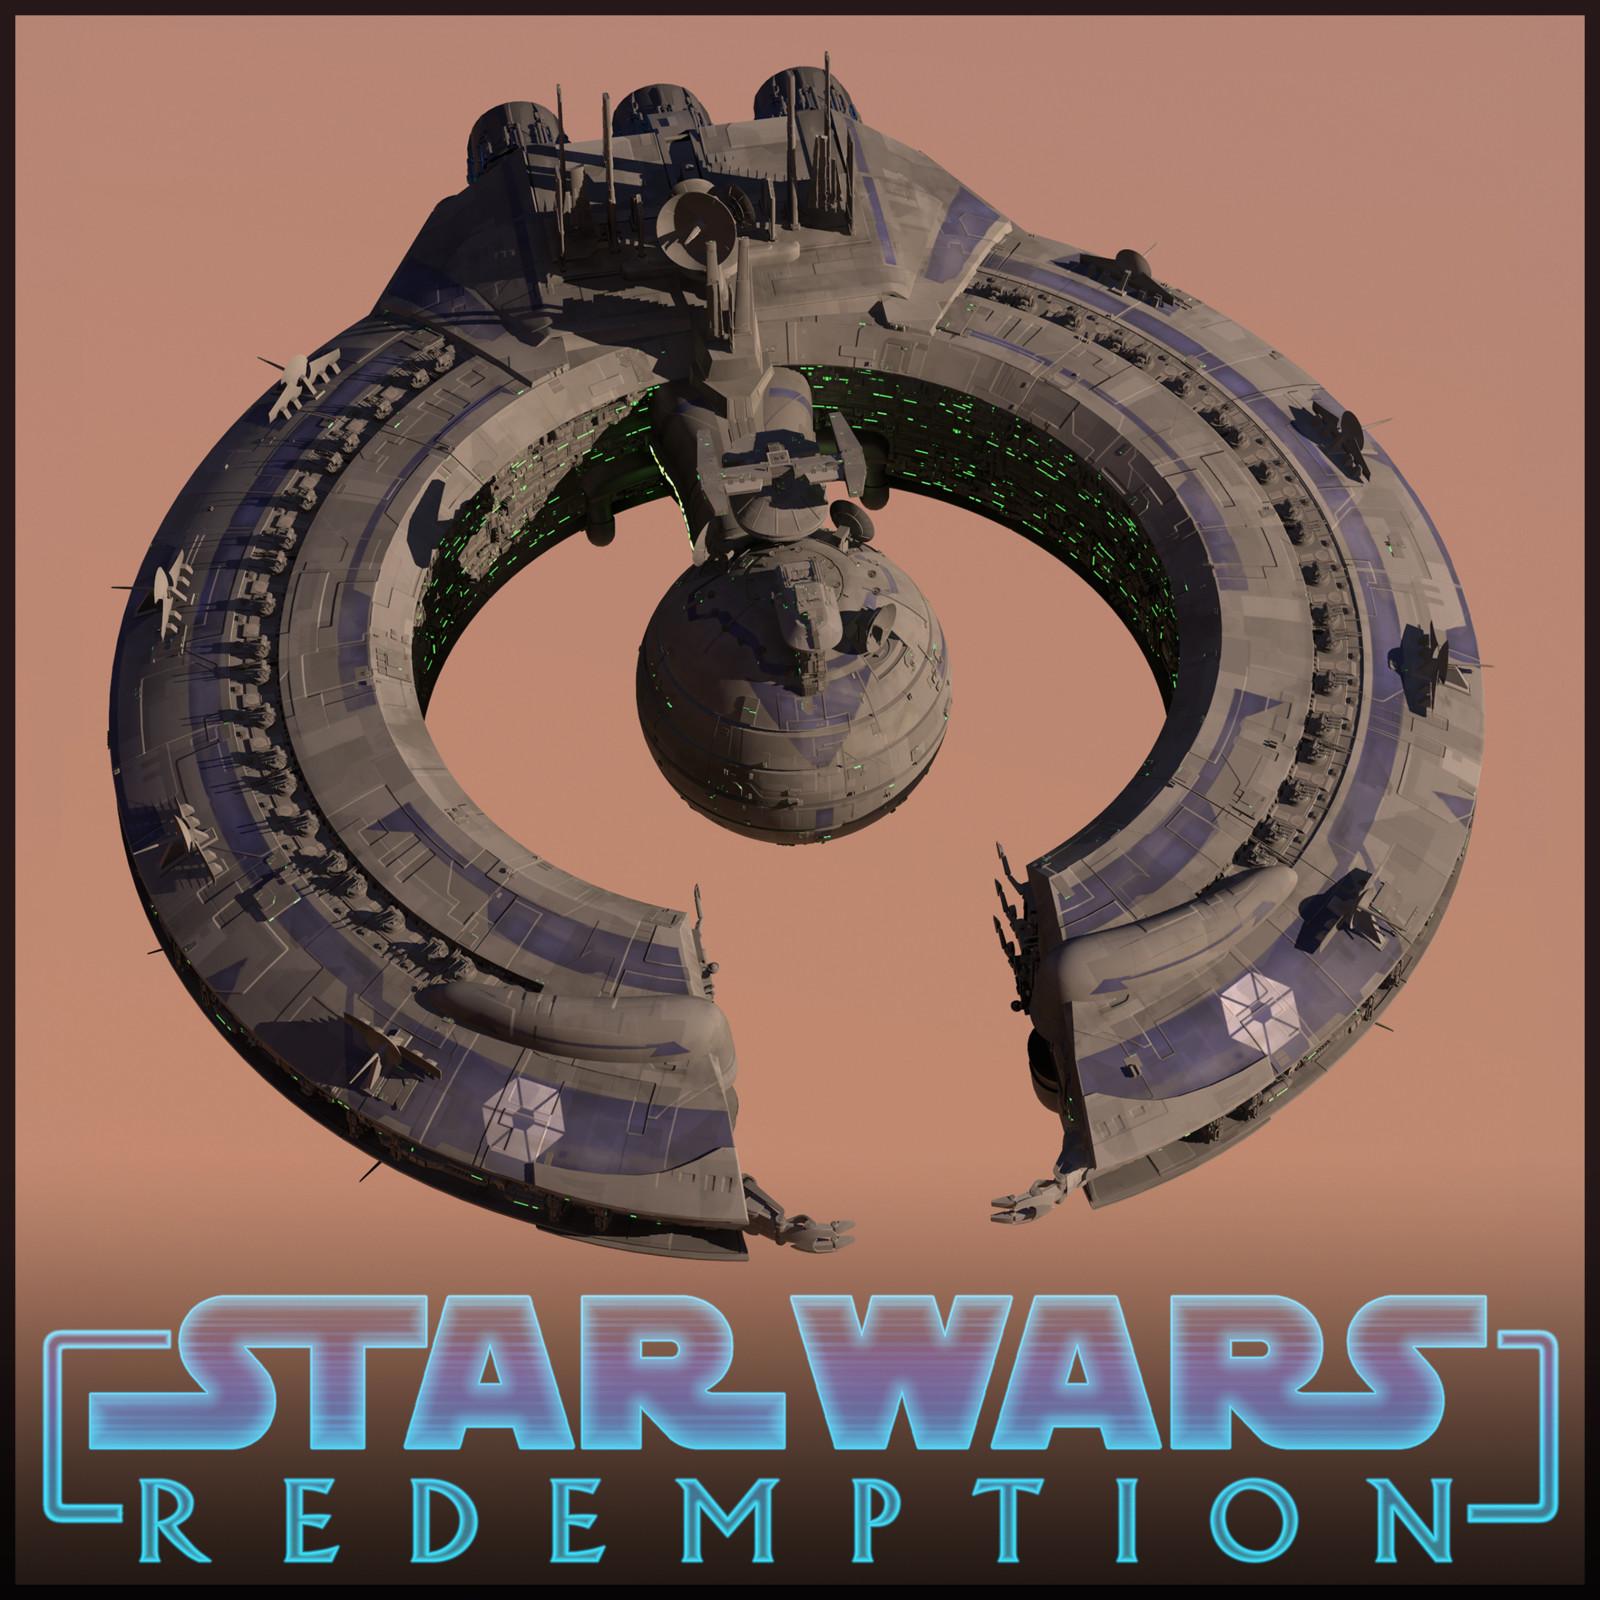 Star Wars - Redemption | StarDestroyer Class Lucrehulk